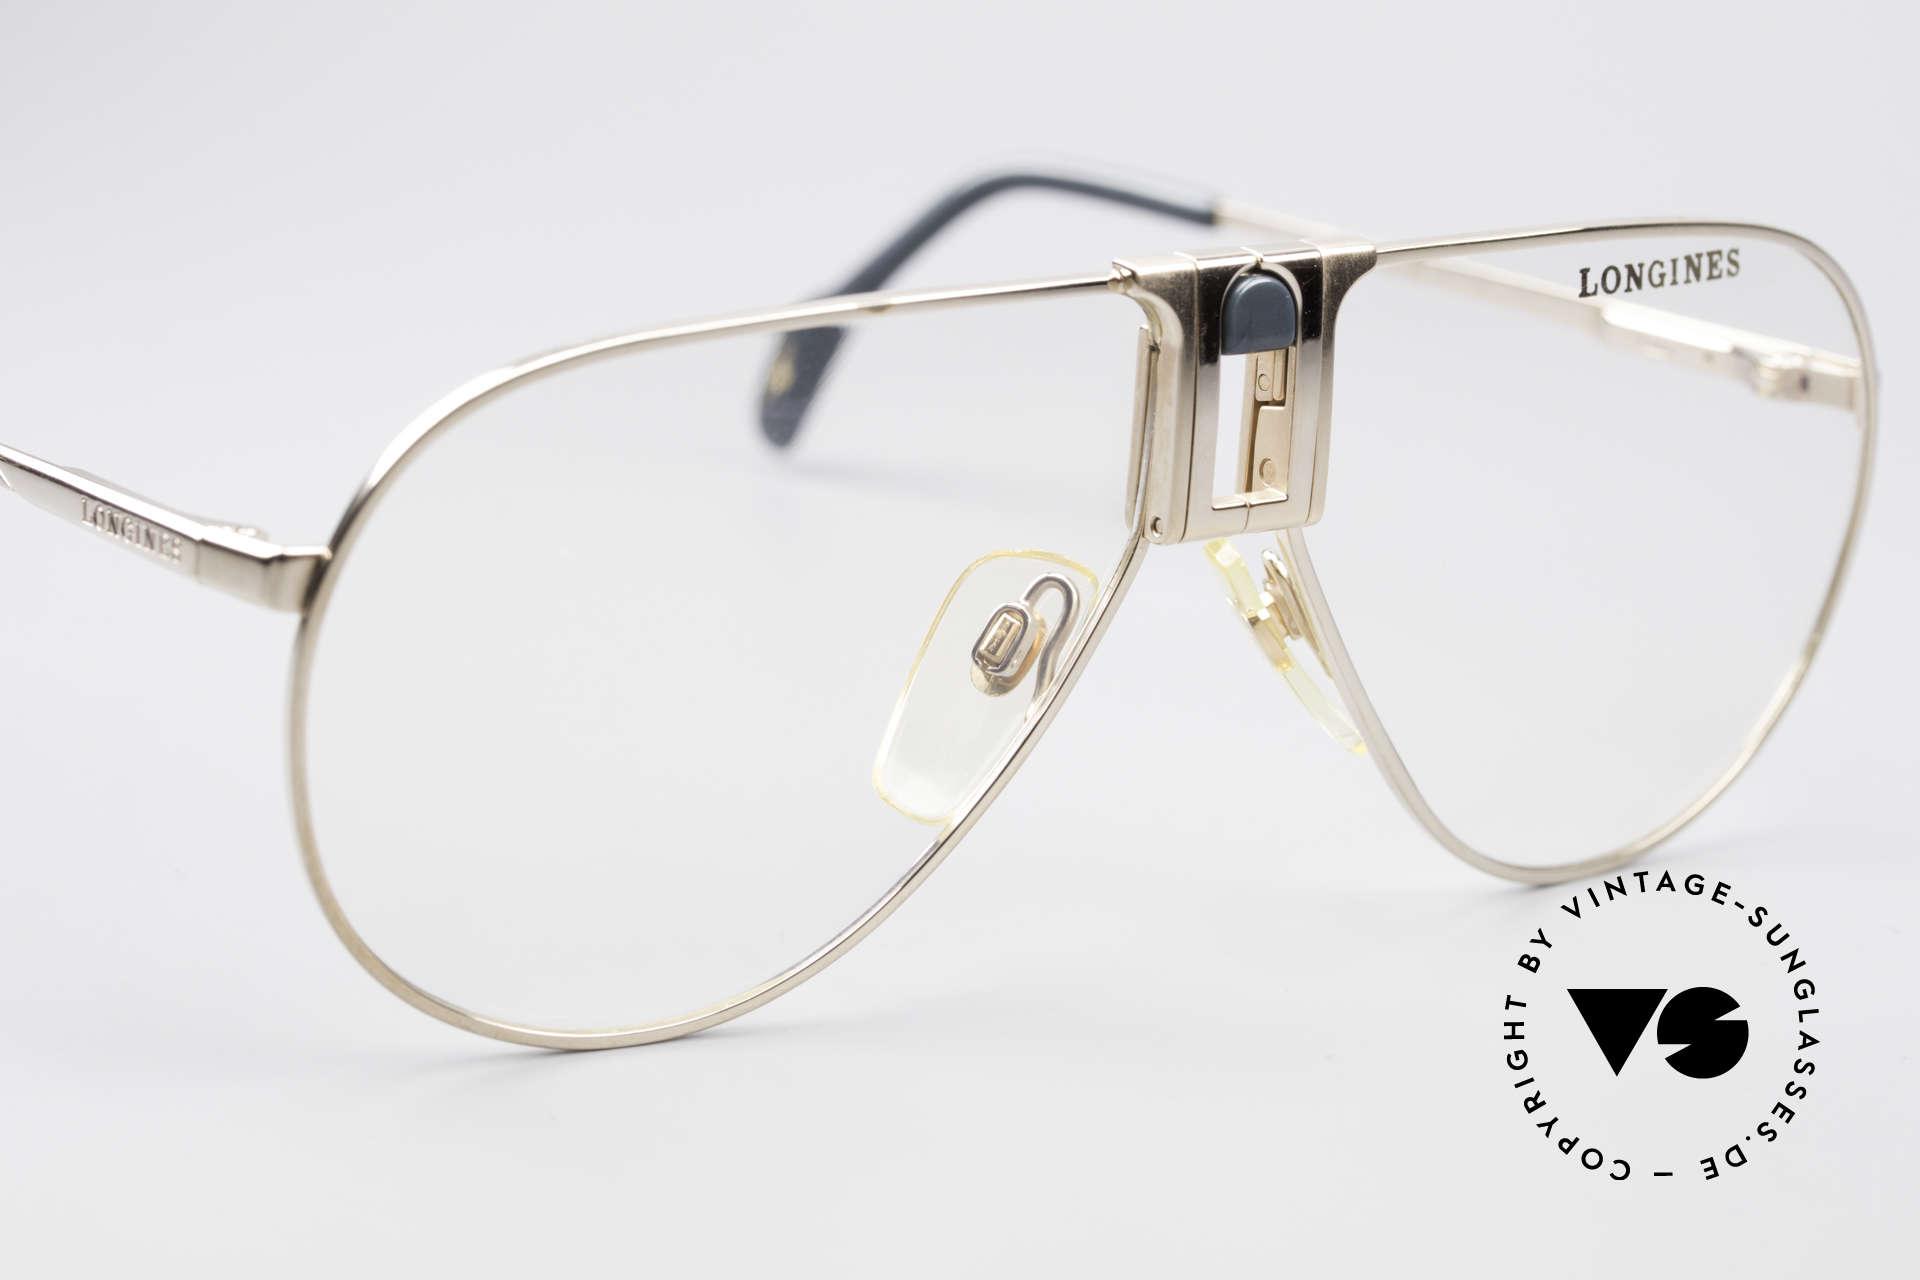 Longines 0154 Echte 80er Aviator Brille, KEINE RETROBRILLE, sondern ein 1980er ORIGINAL, Passend für Herren